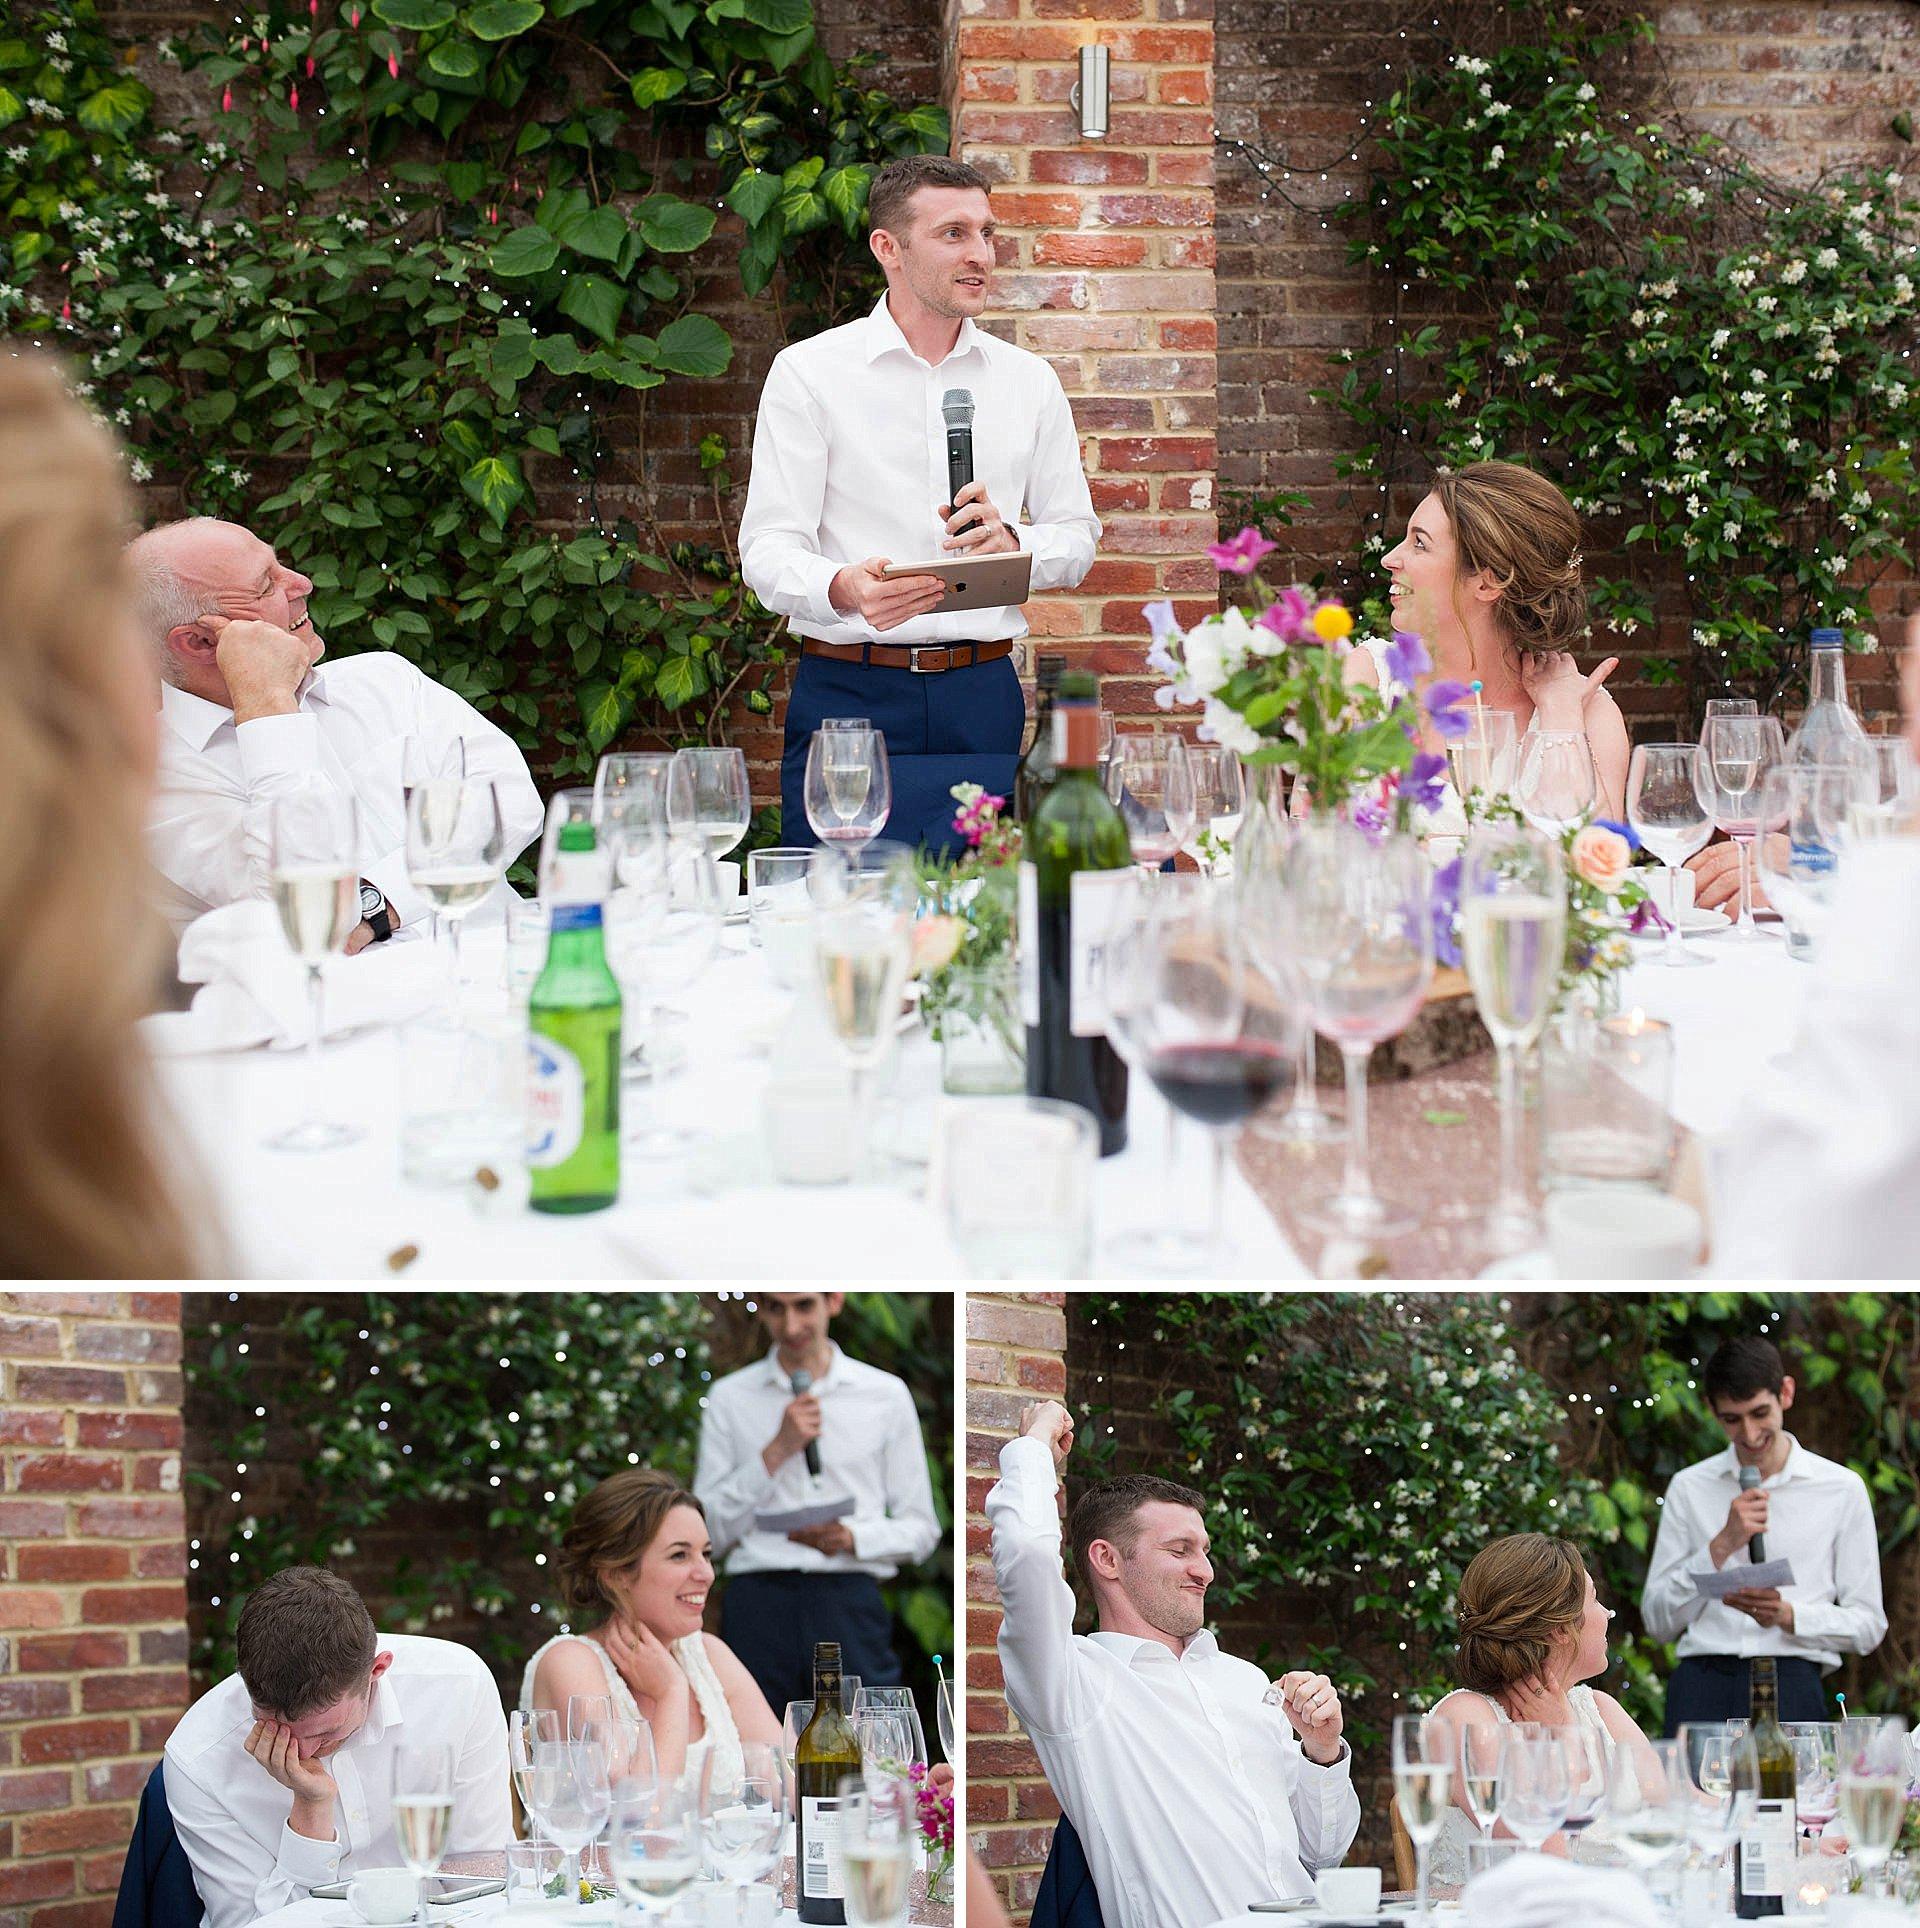 Surrey wedding - the speeches